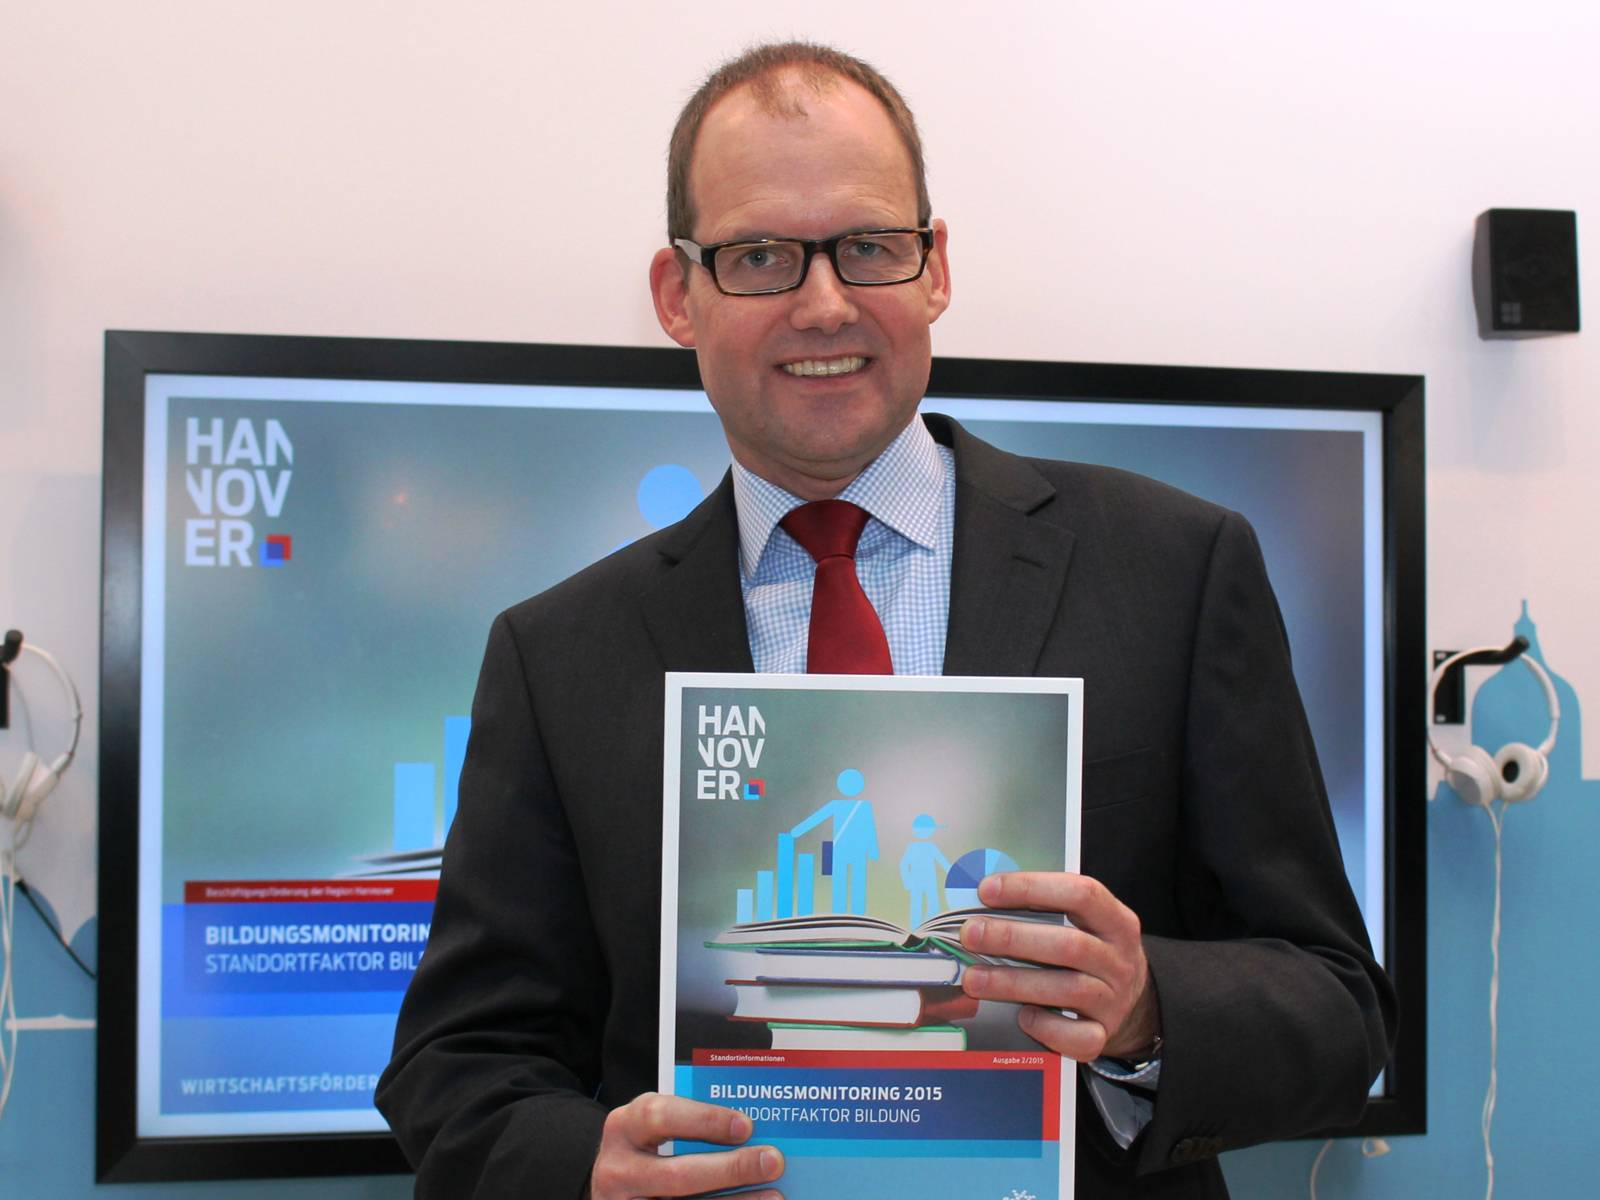 Ulf-Birger Franz mit der Broschüre zum Bildungmonitoring 2015